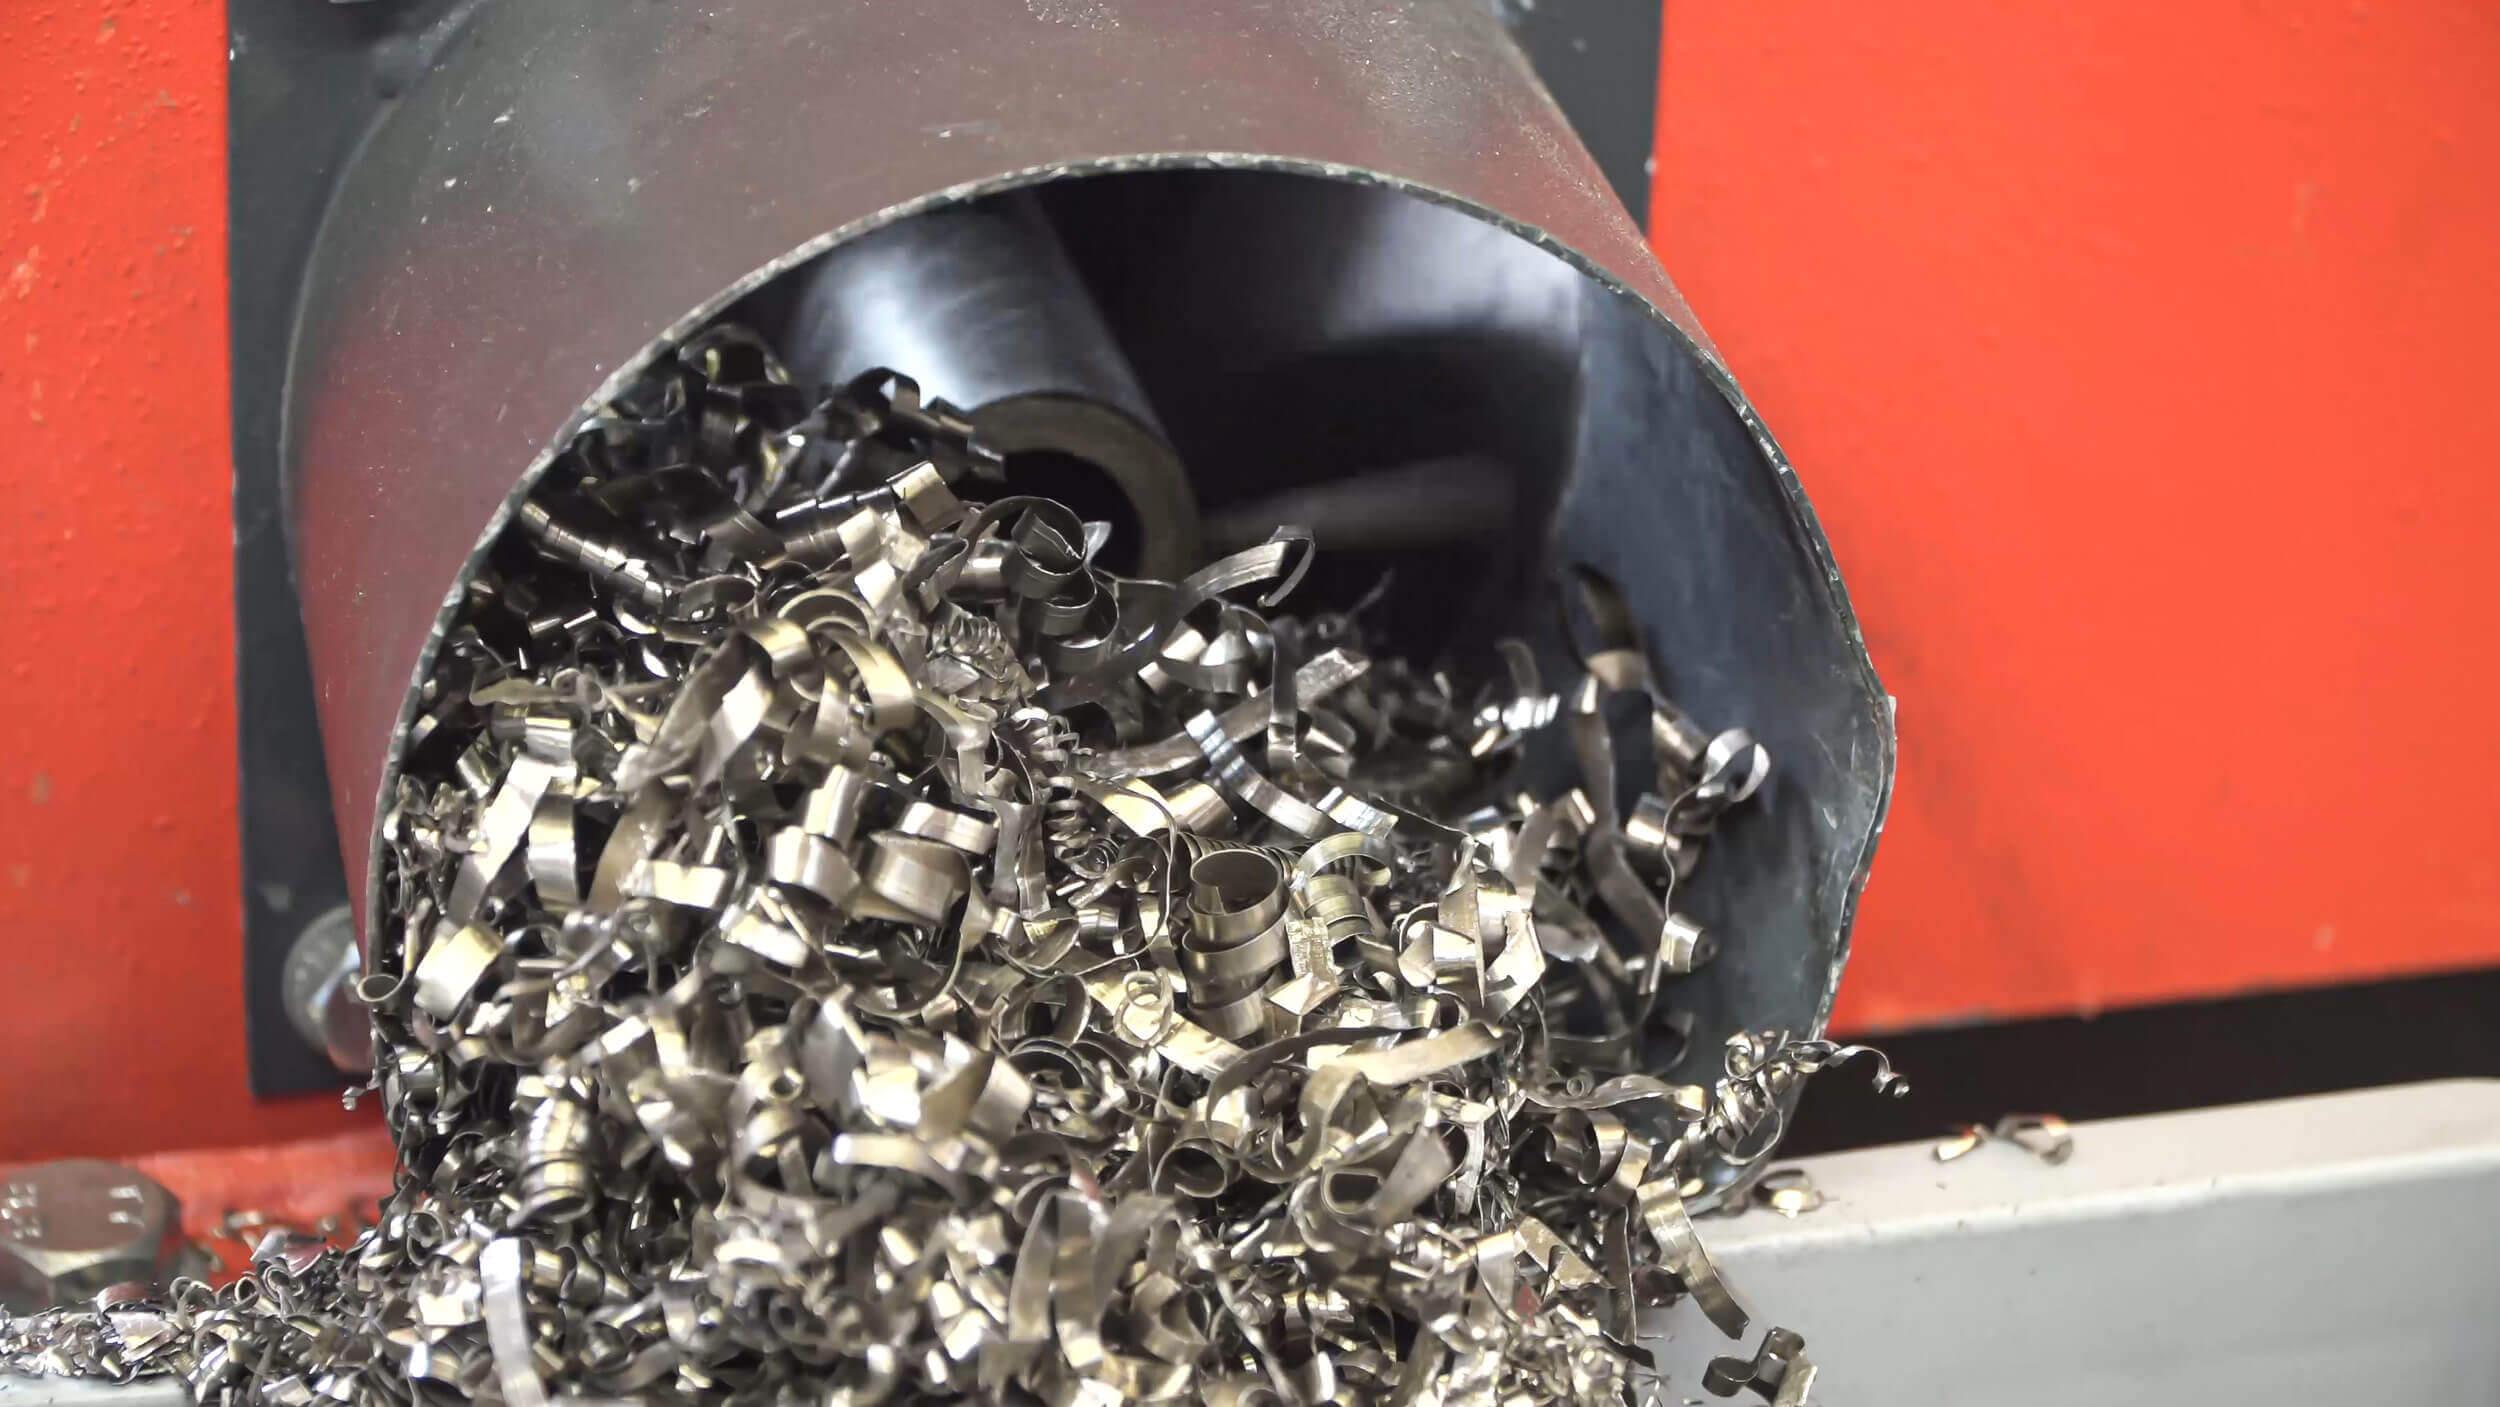 Geshredderte Metall Späne in der Schneckenaustragung